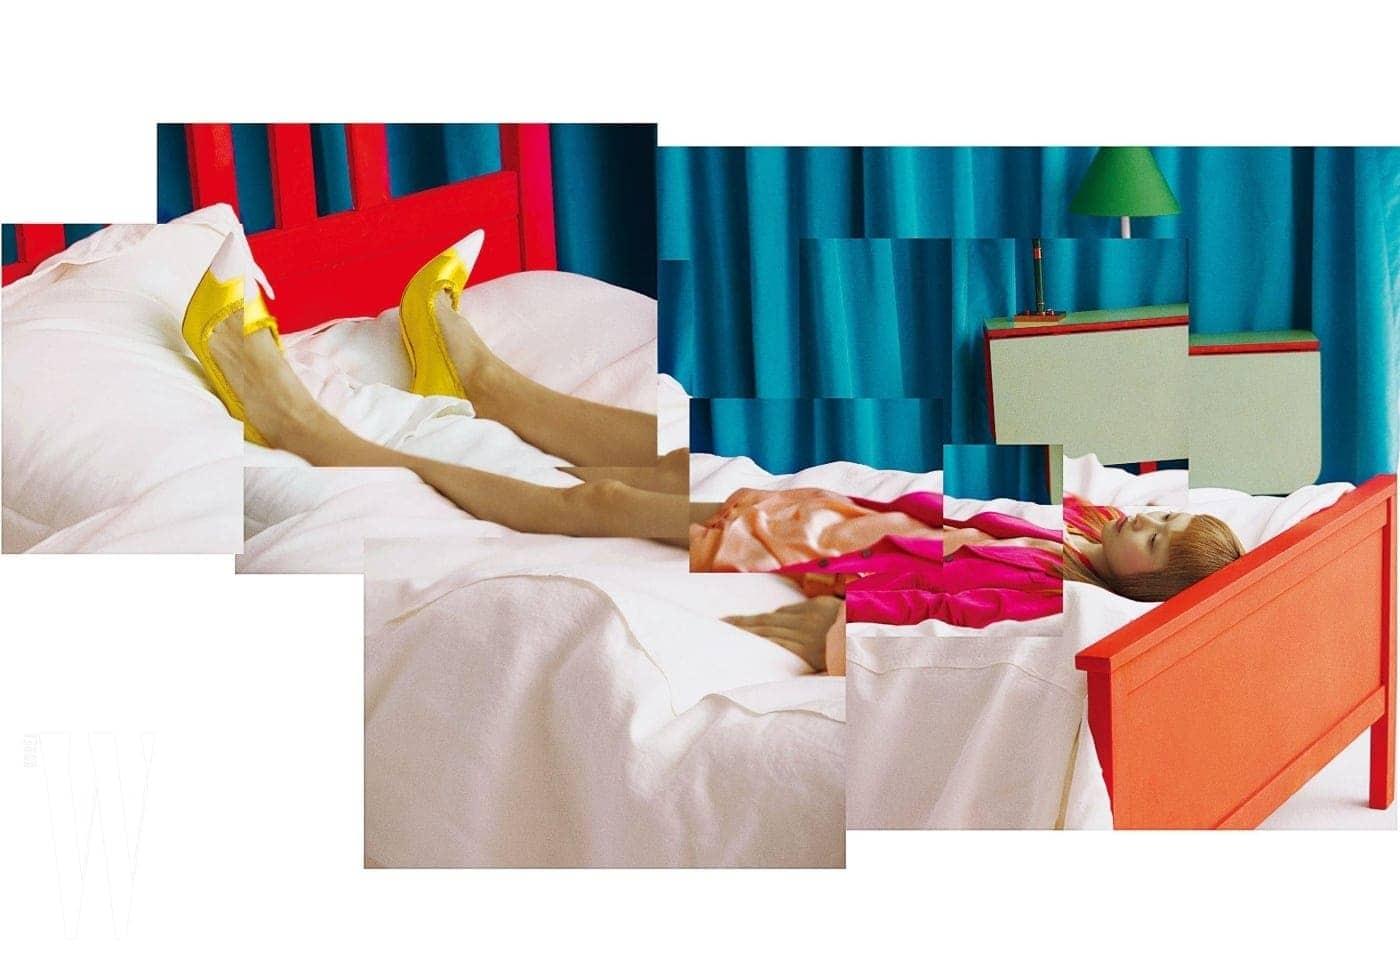 파워 숄더 핫 핑크 벨벳 재킷, 실크 블라우스, 쇼츠, 노랑 힐은 모두 Tom Ford 제품.